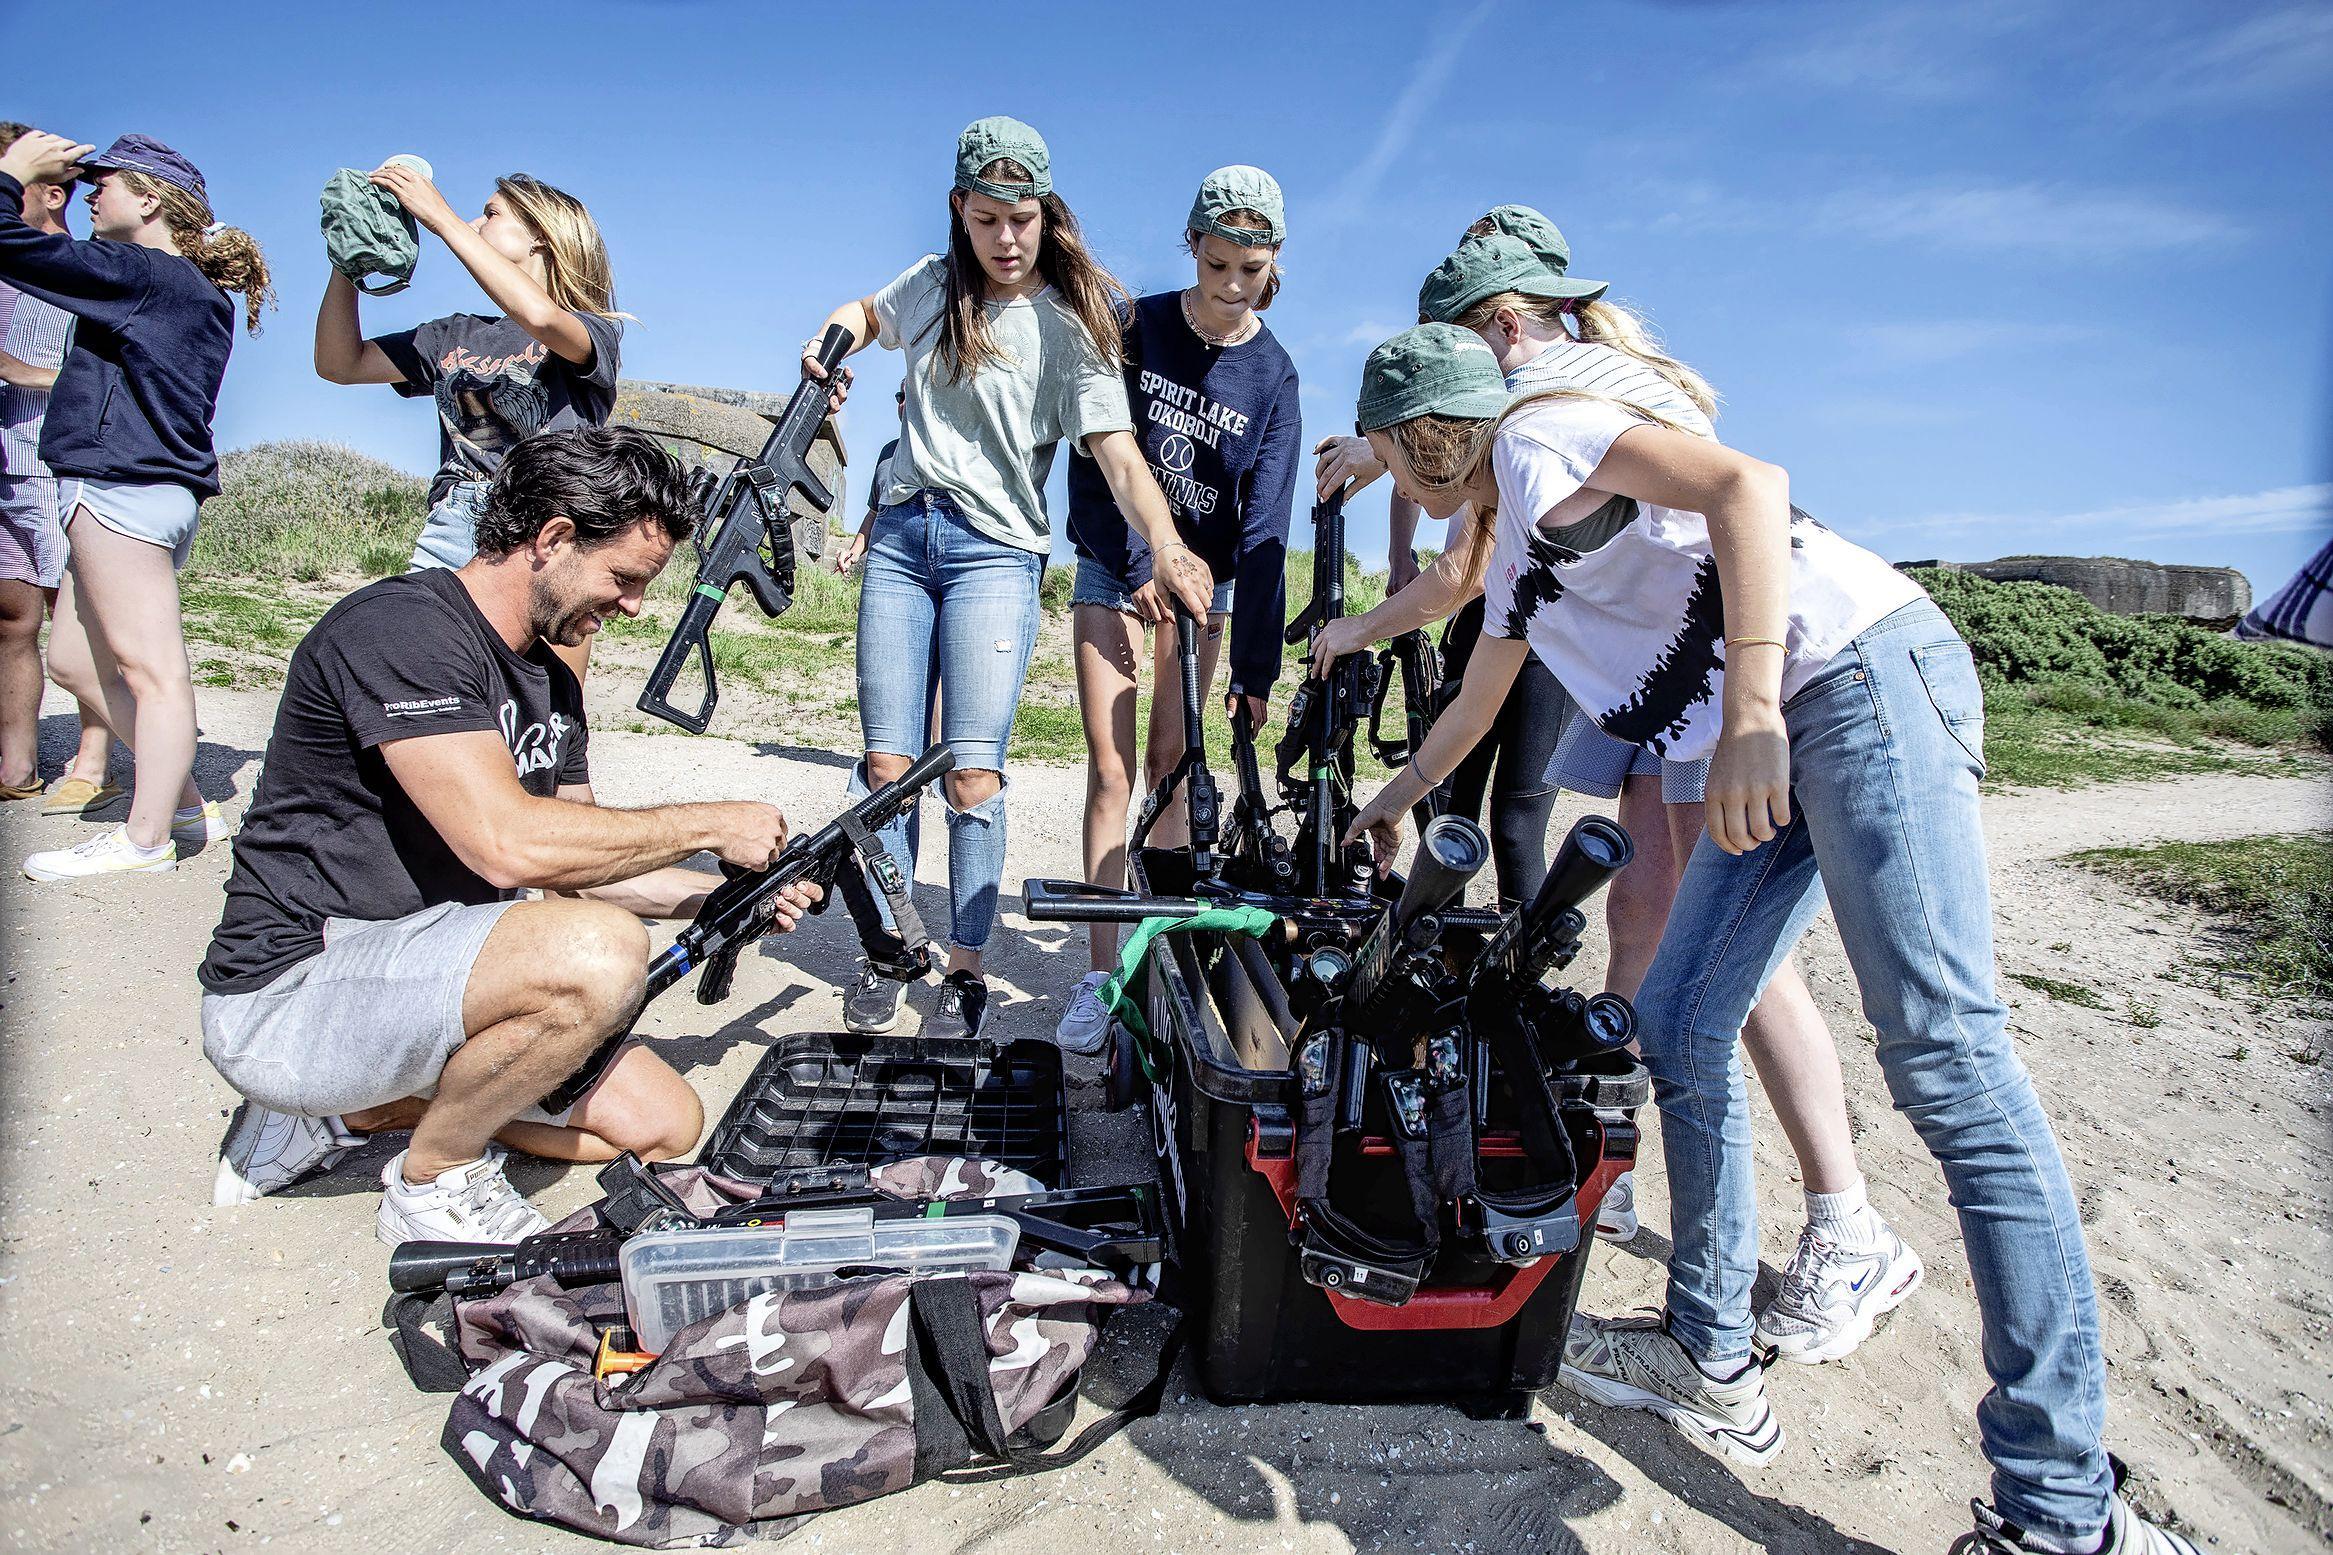 Lasergamen als teambuilding kan weer na anderhalf jaar bij Eventmaker op het IJmuiderstrand. 'Team groen, we gaan het beter doen!'